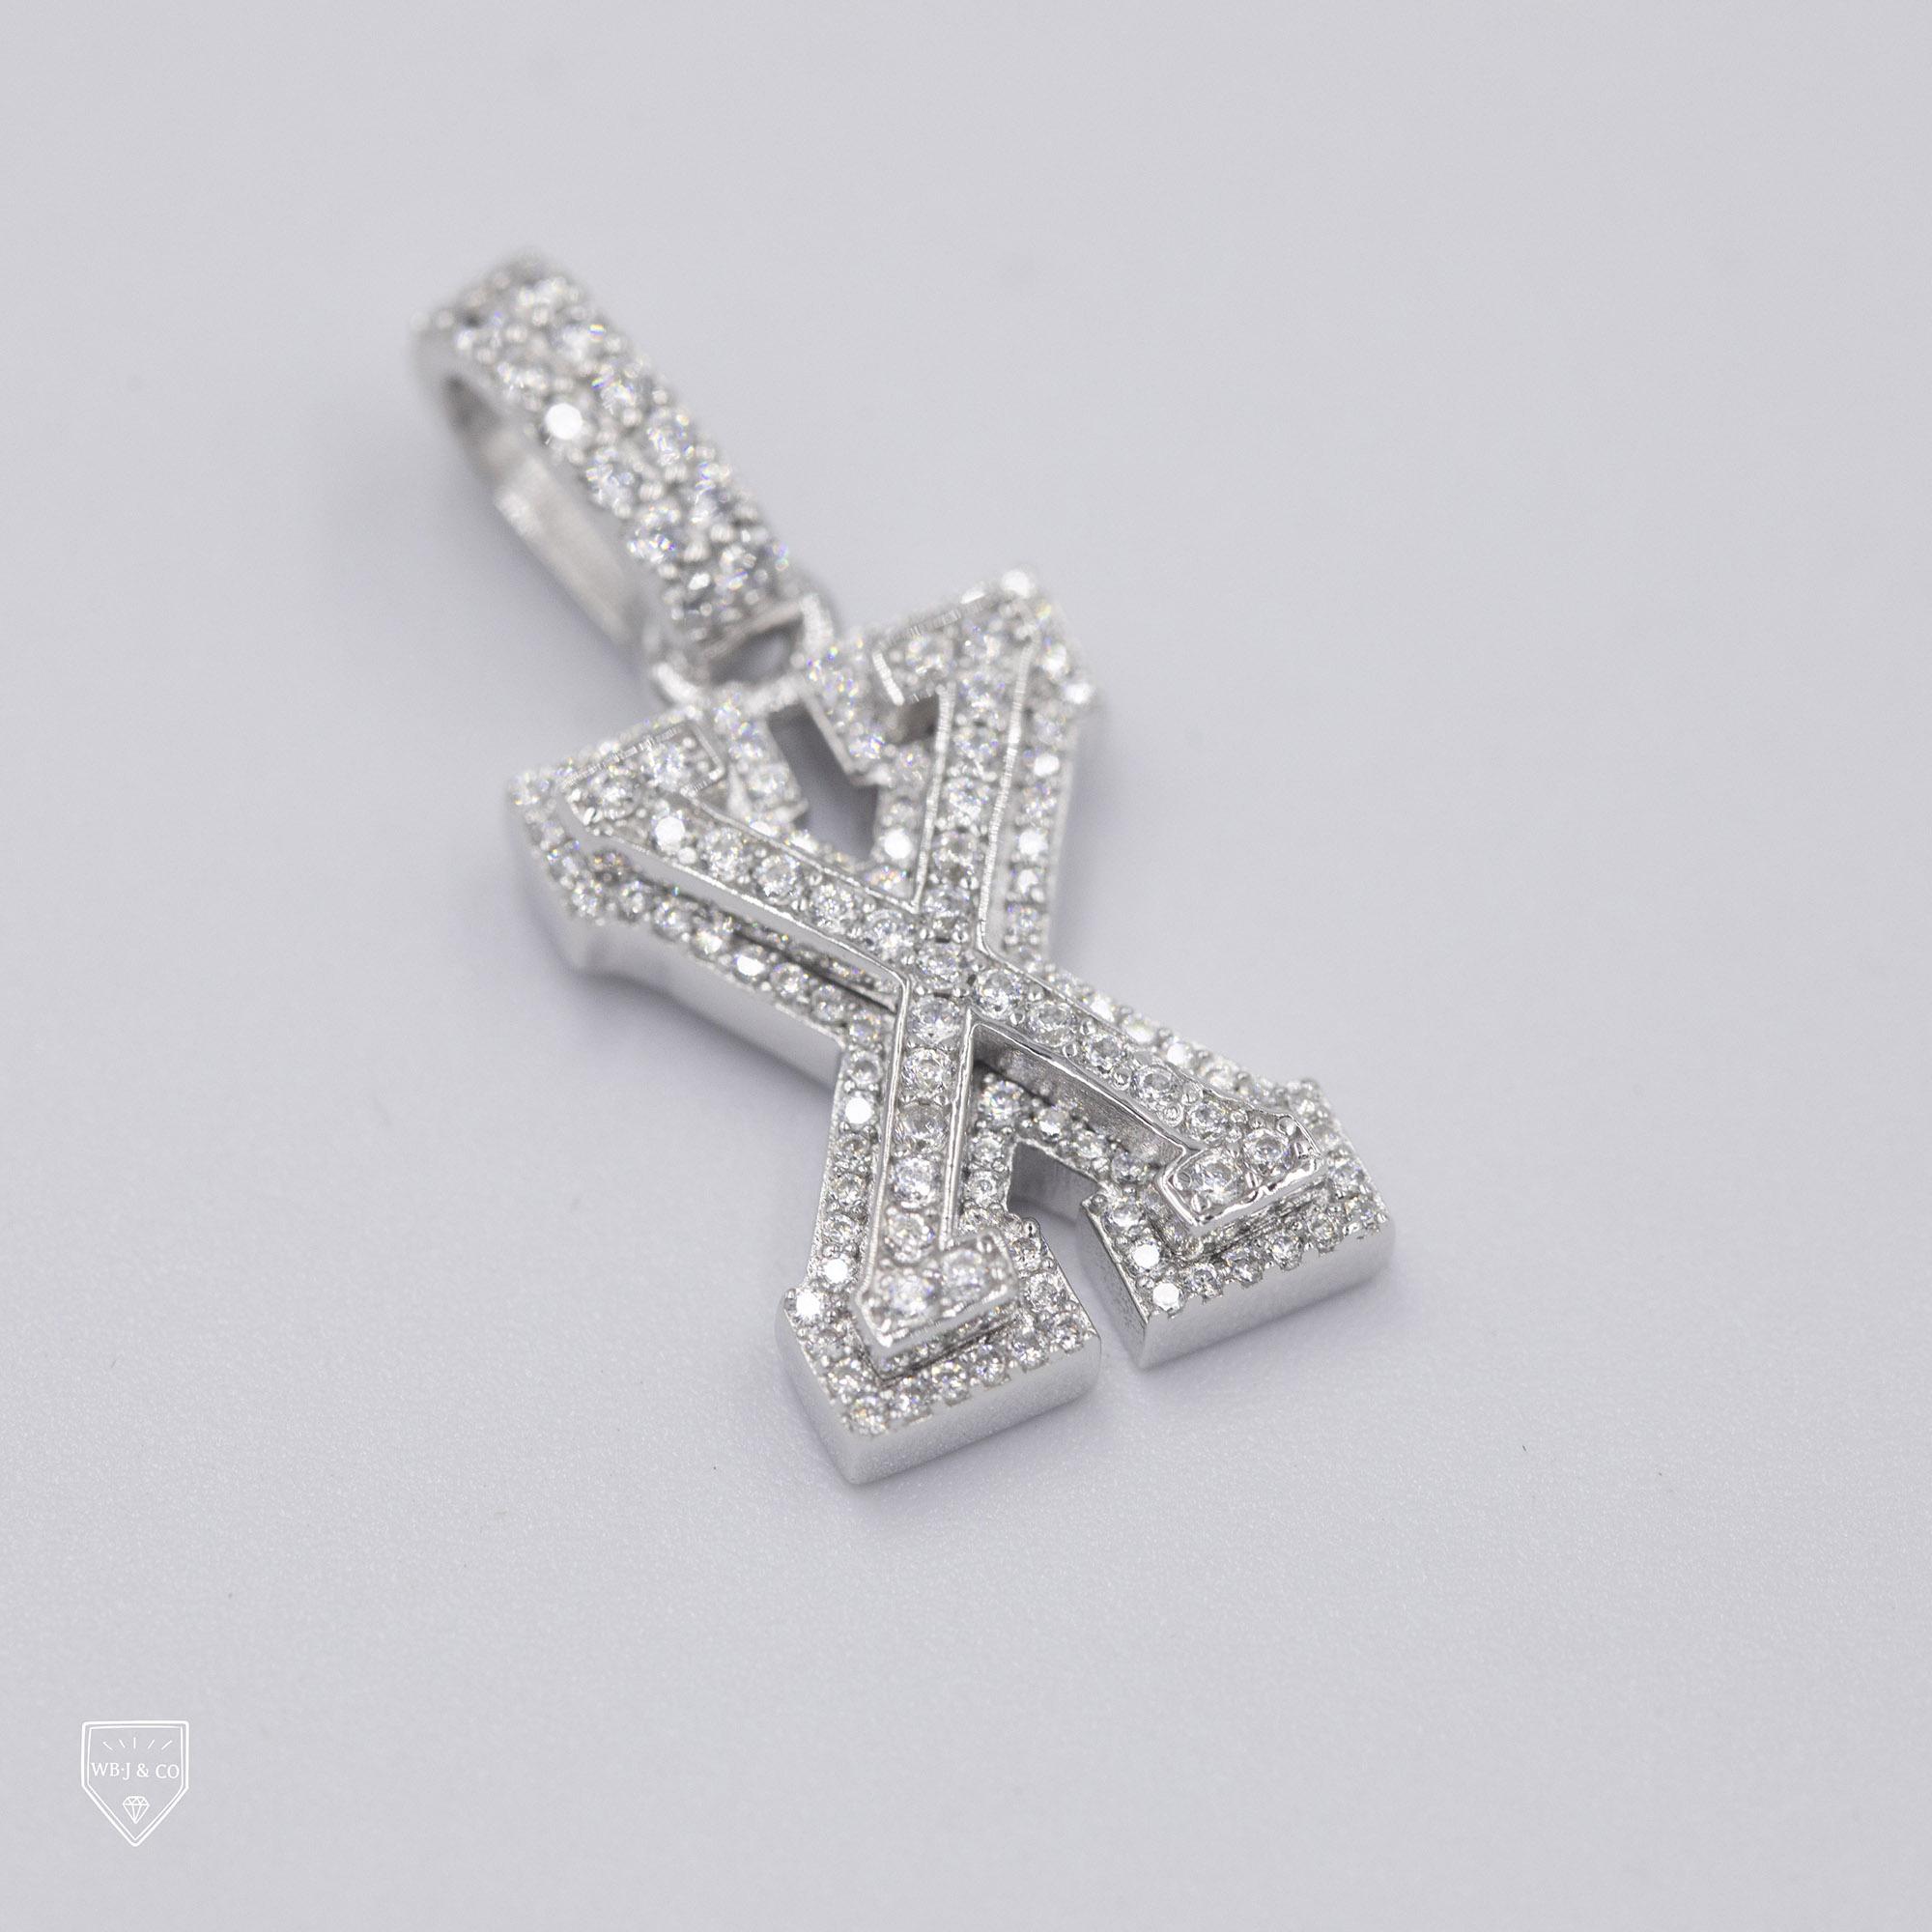 满钻字母 字母吊坠 银 925 银饰 定制珠宝 WBJ